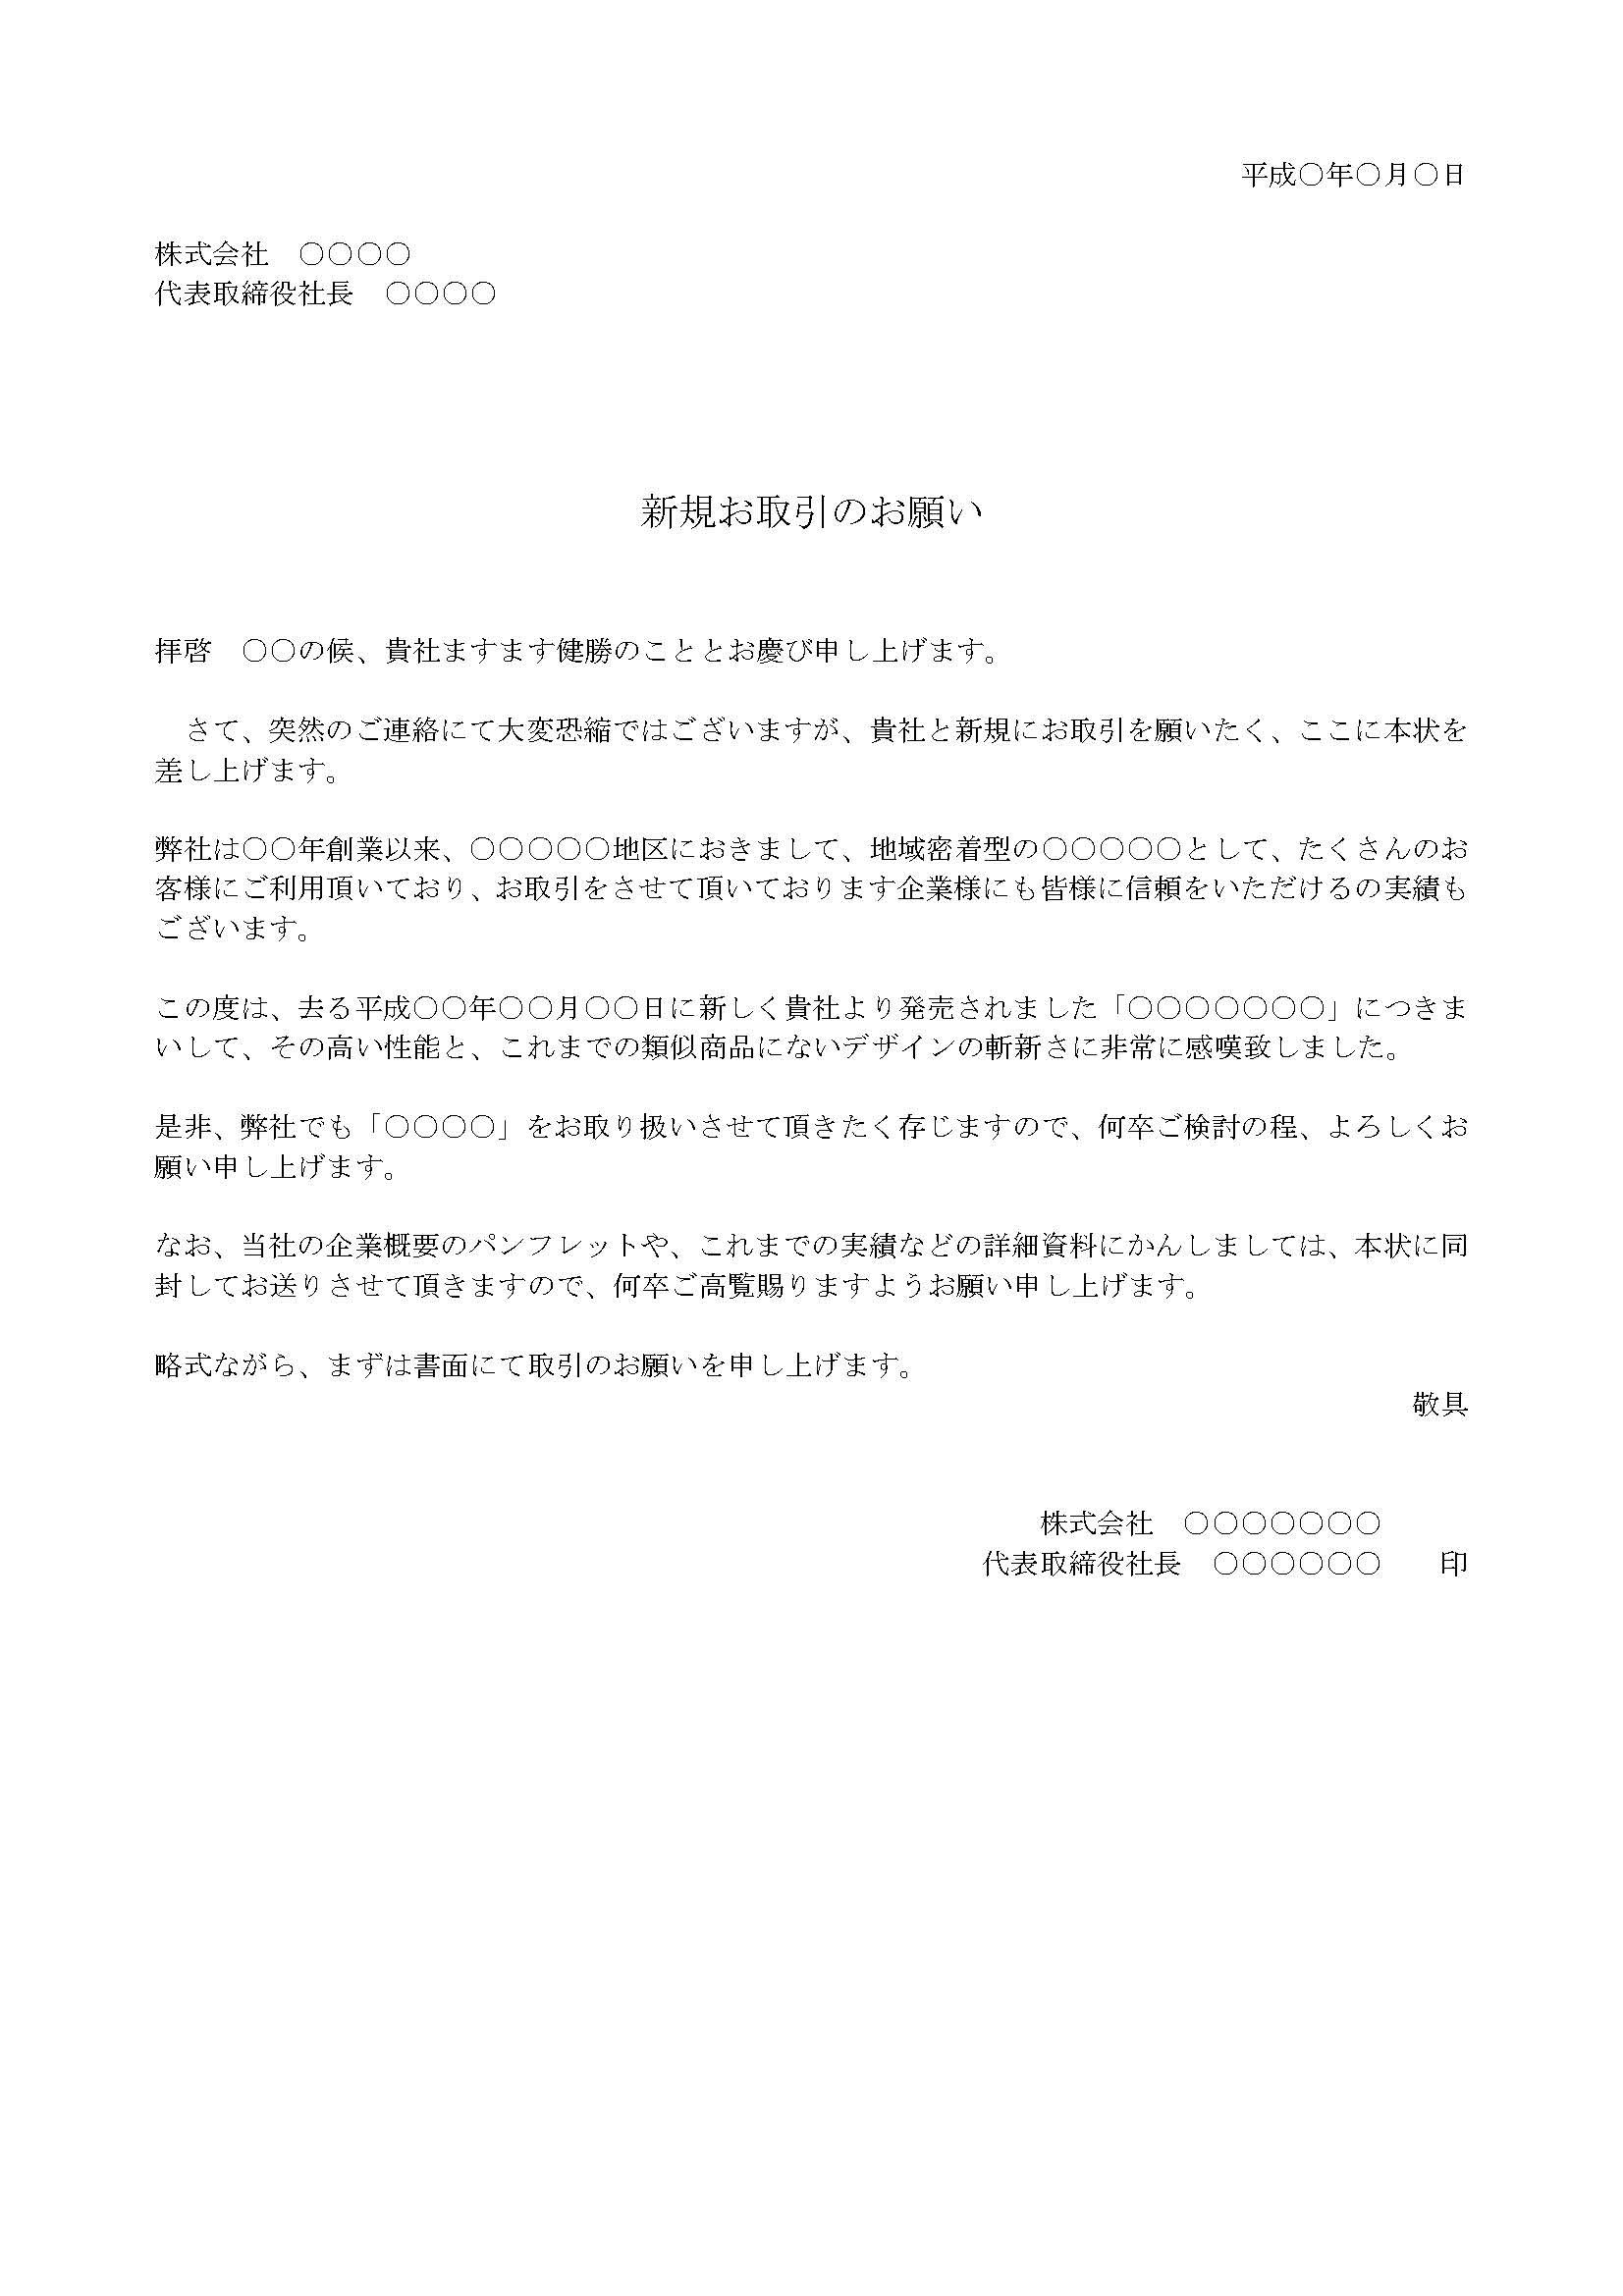 依頼状(新規取引依頼)06